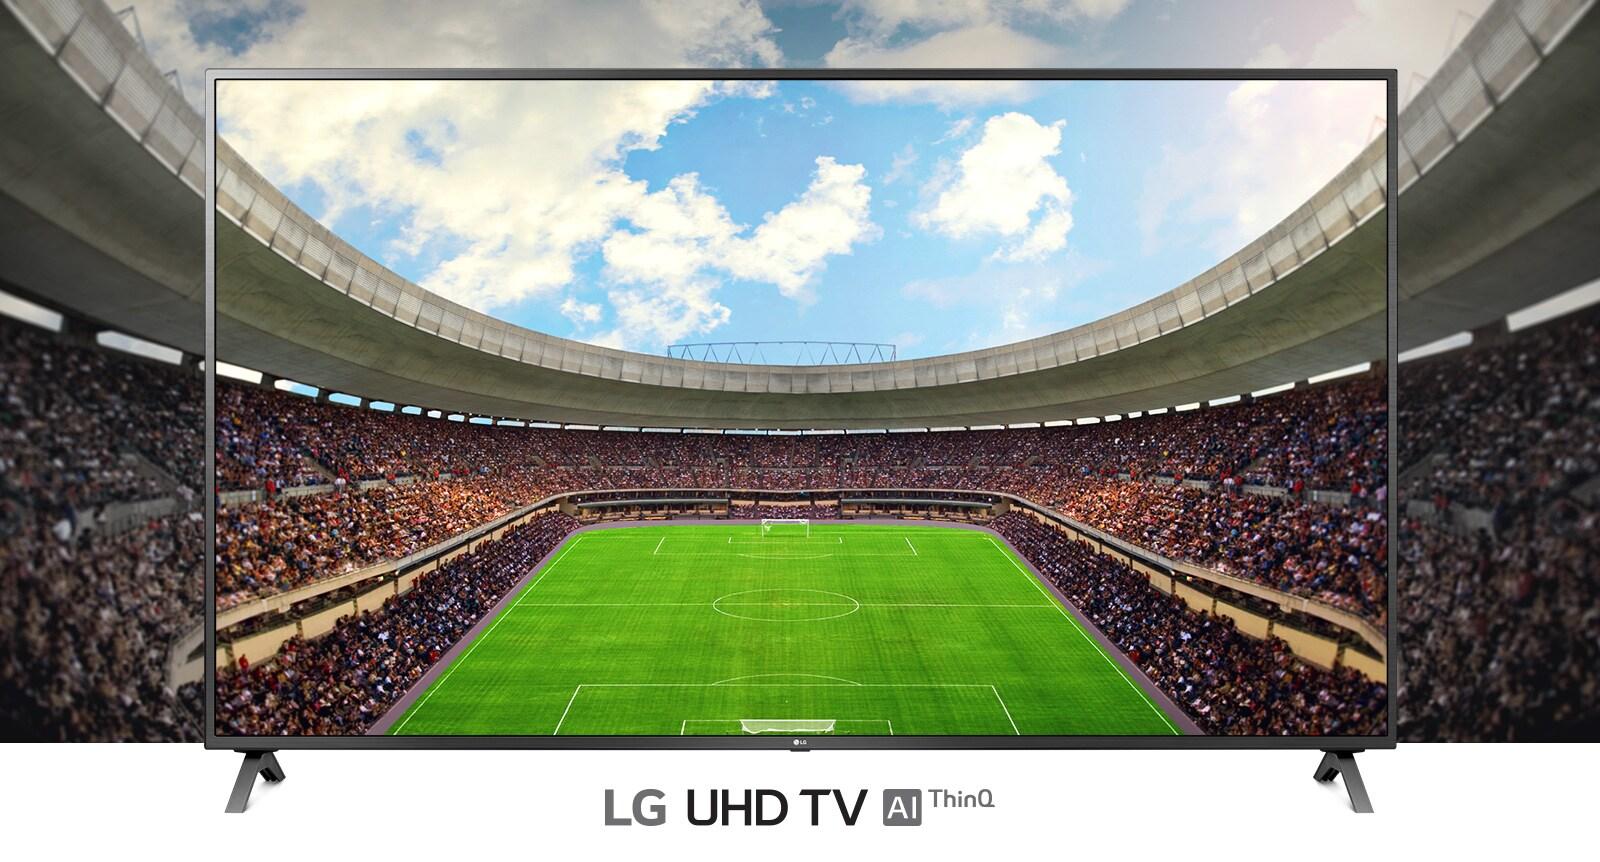 A televízió keretében panorámás látkép egy nézőkkel tele futballstadionra.